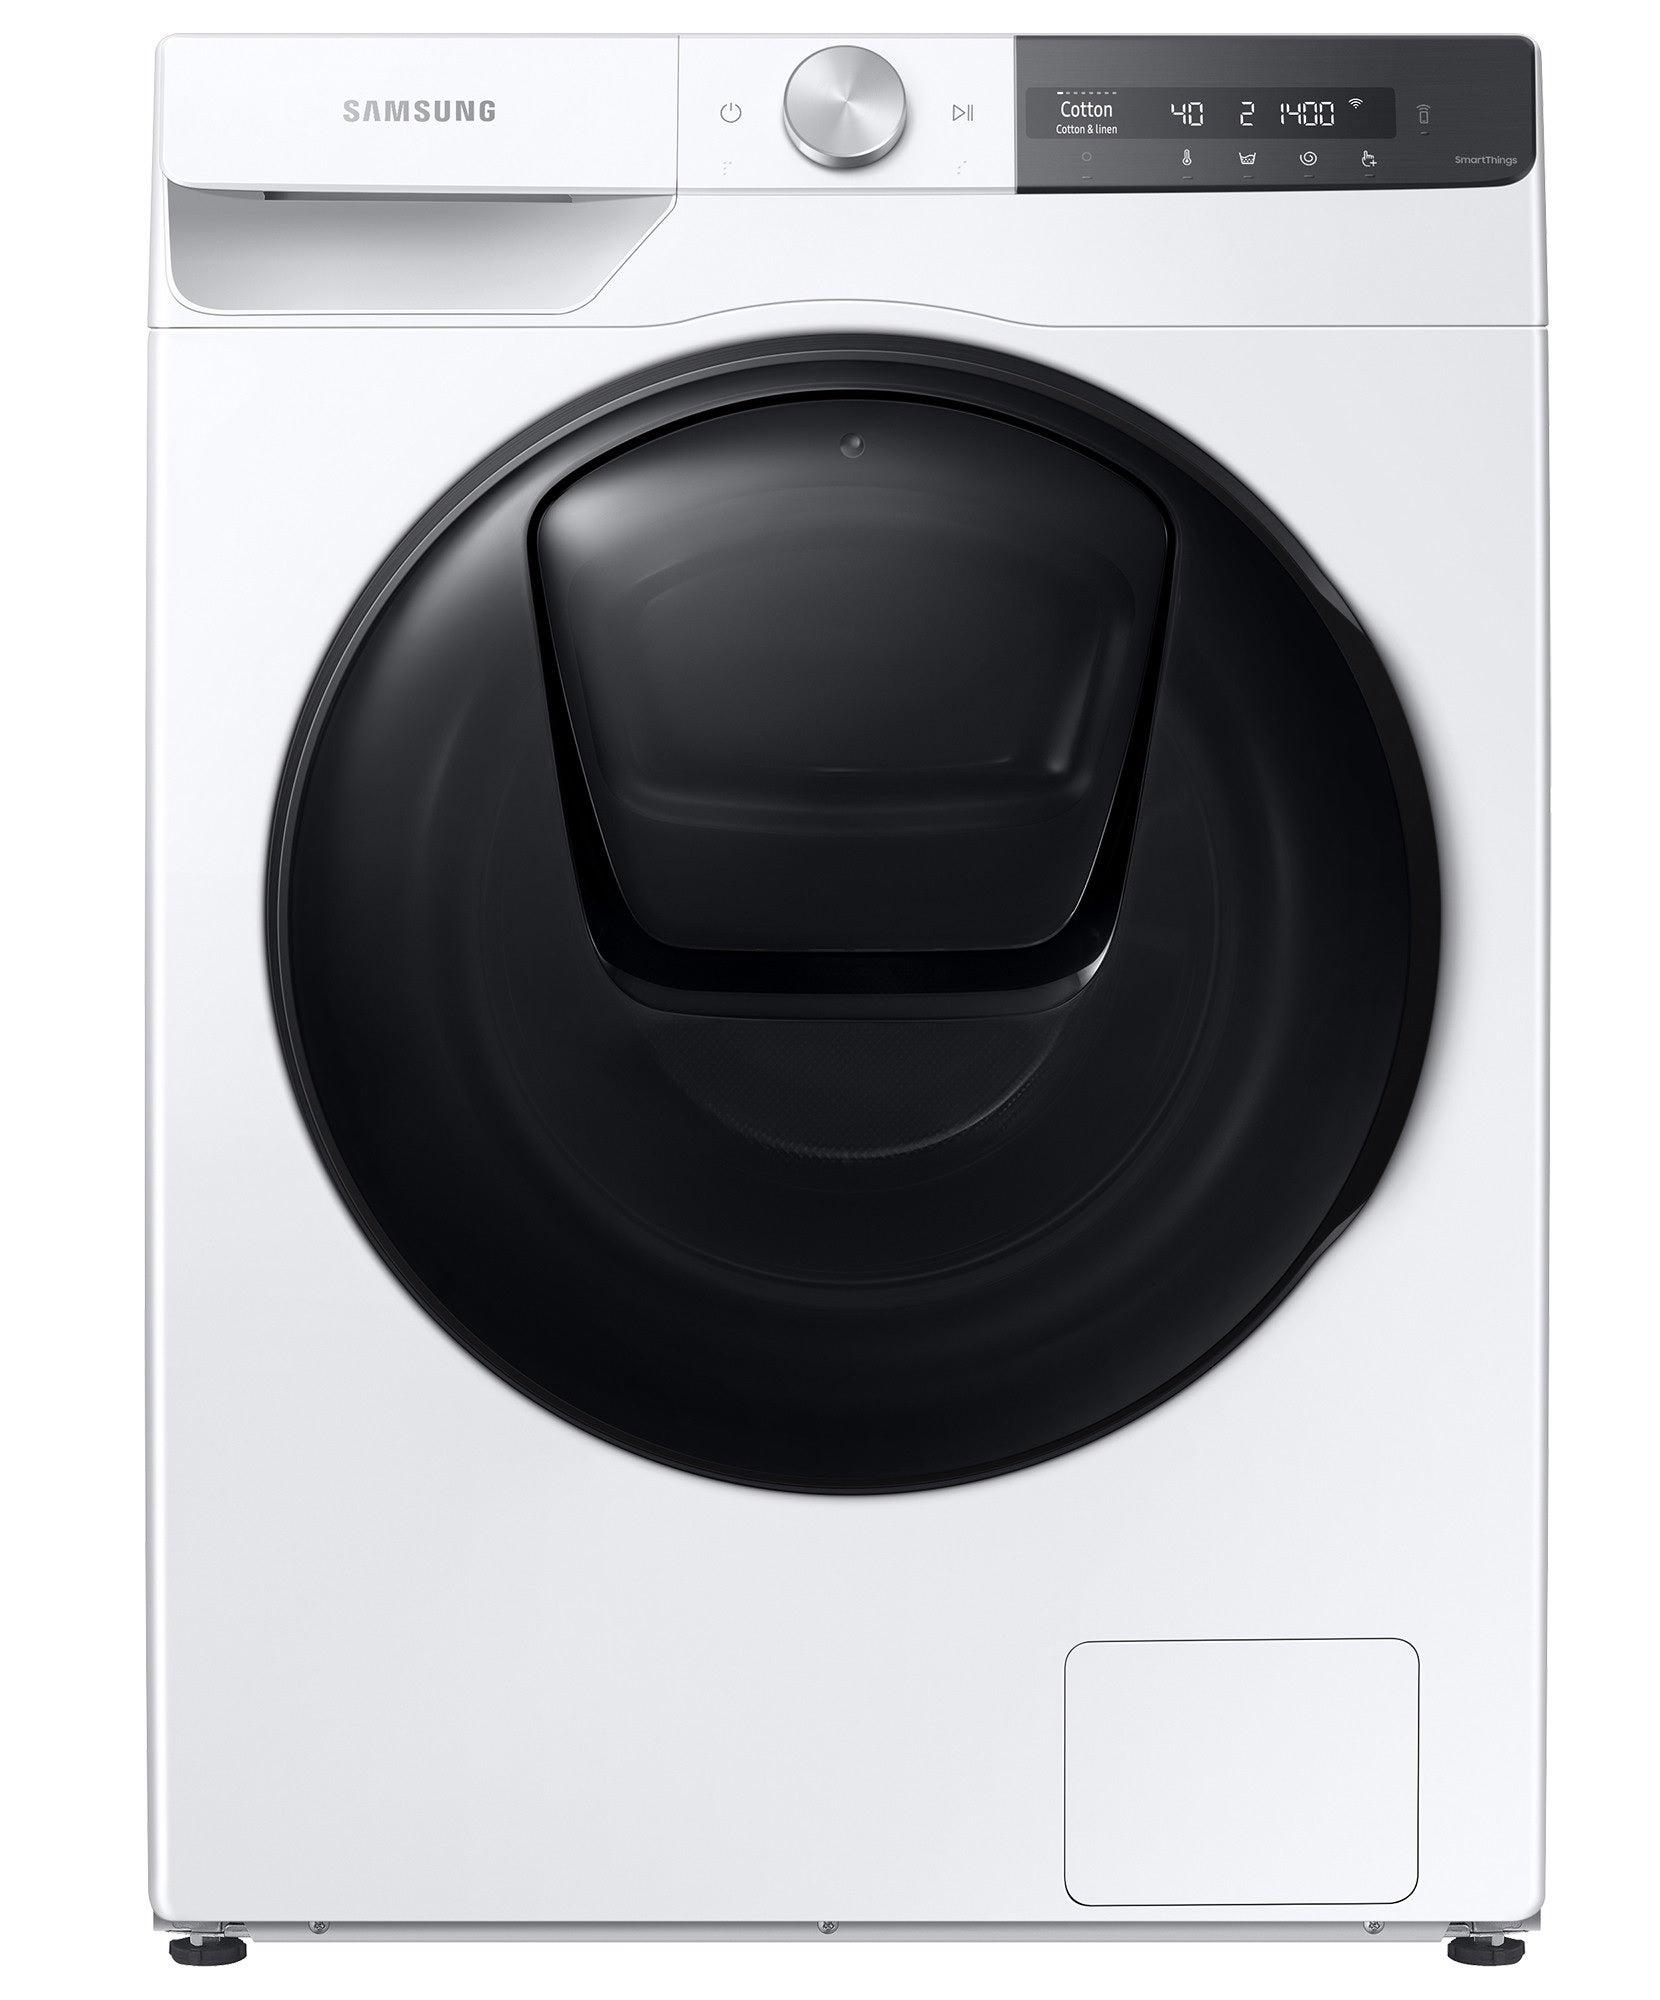 Samsung WW85T754D Washing Machine